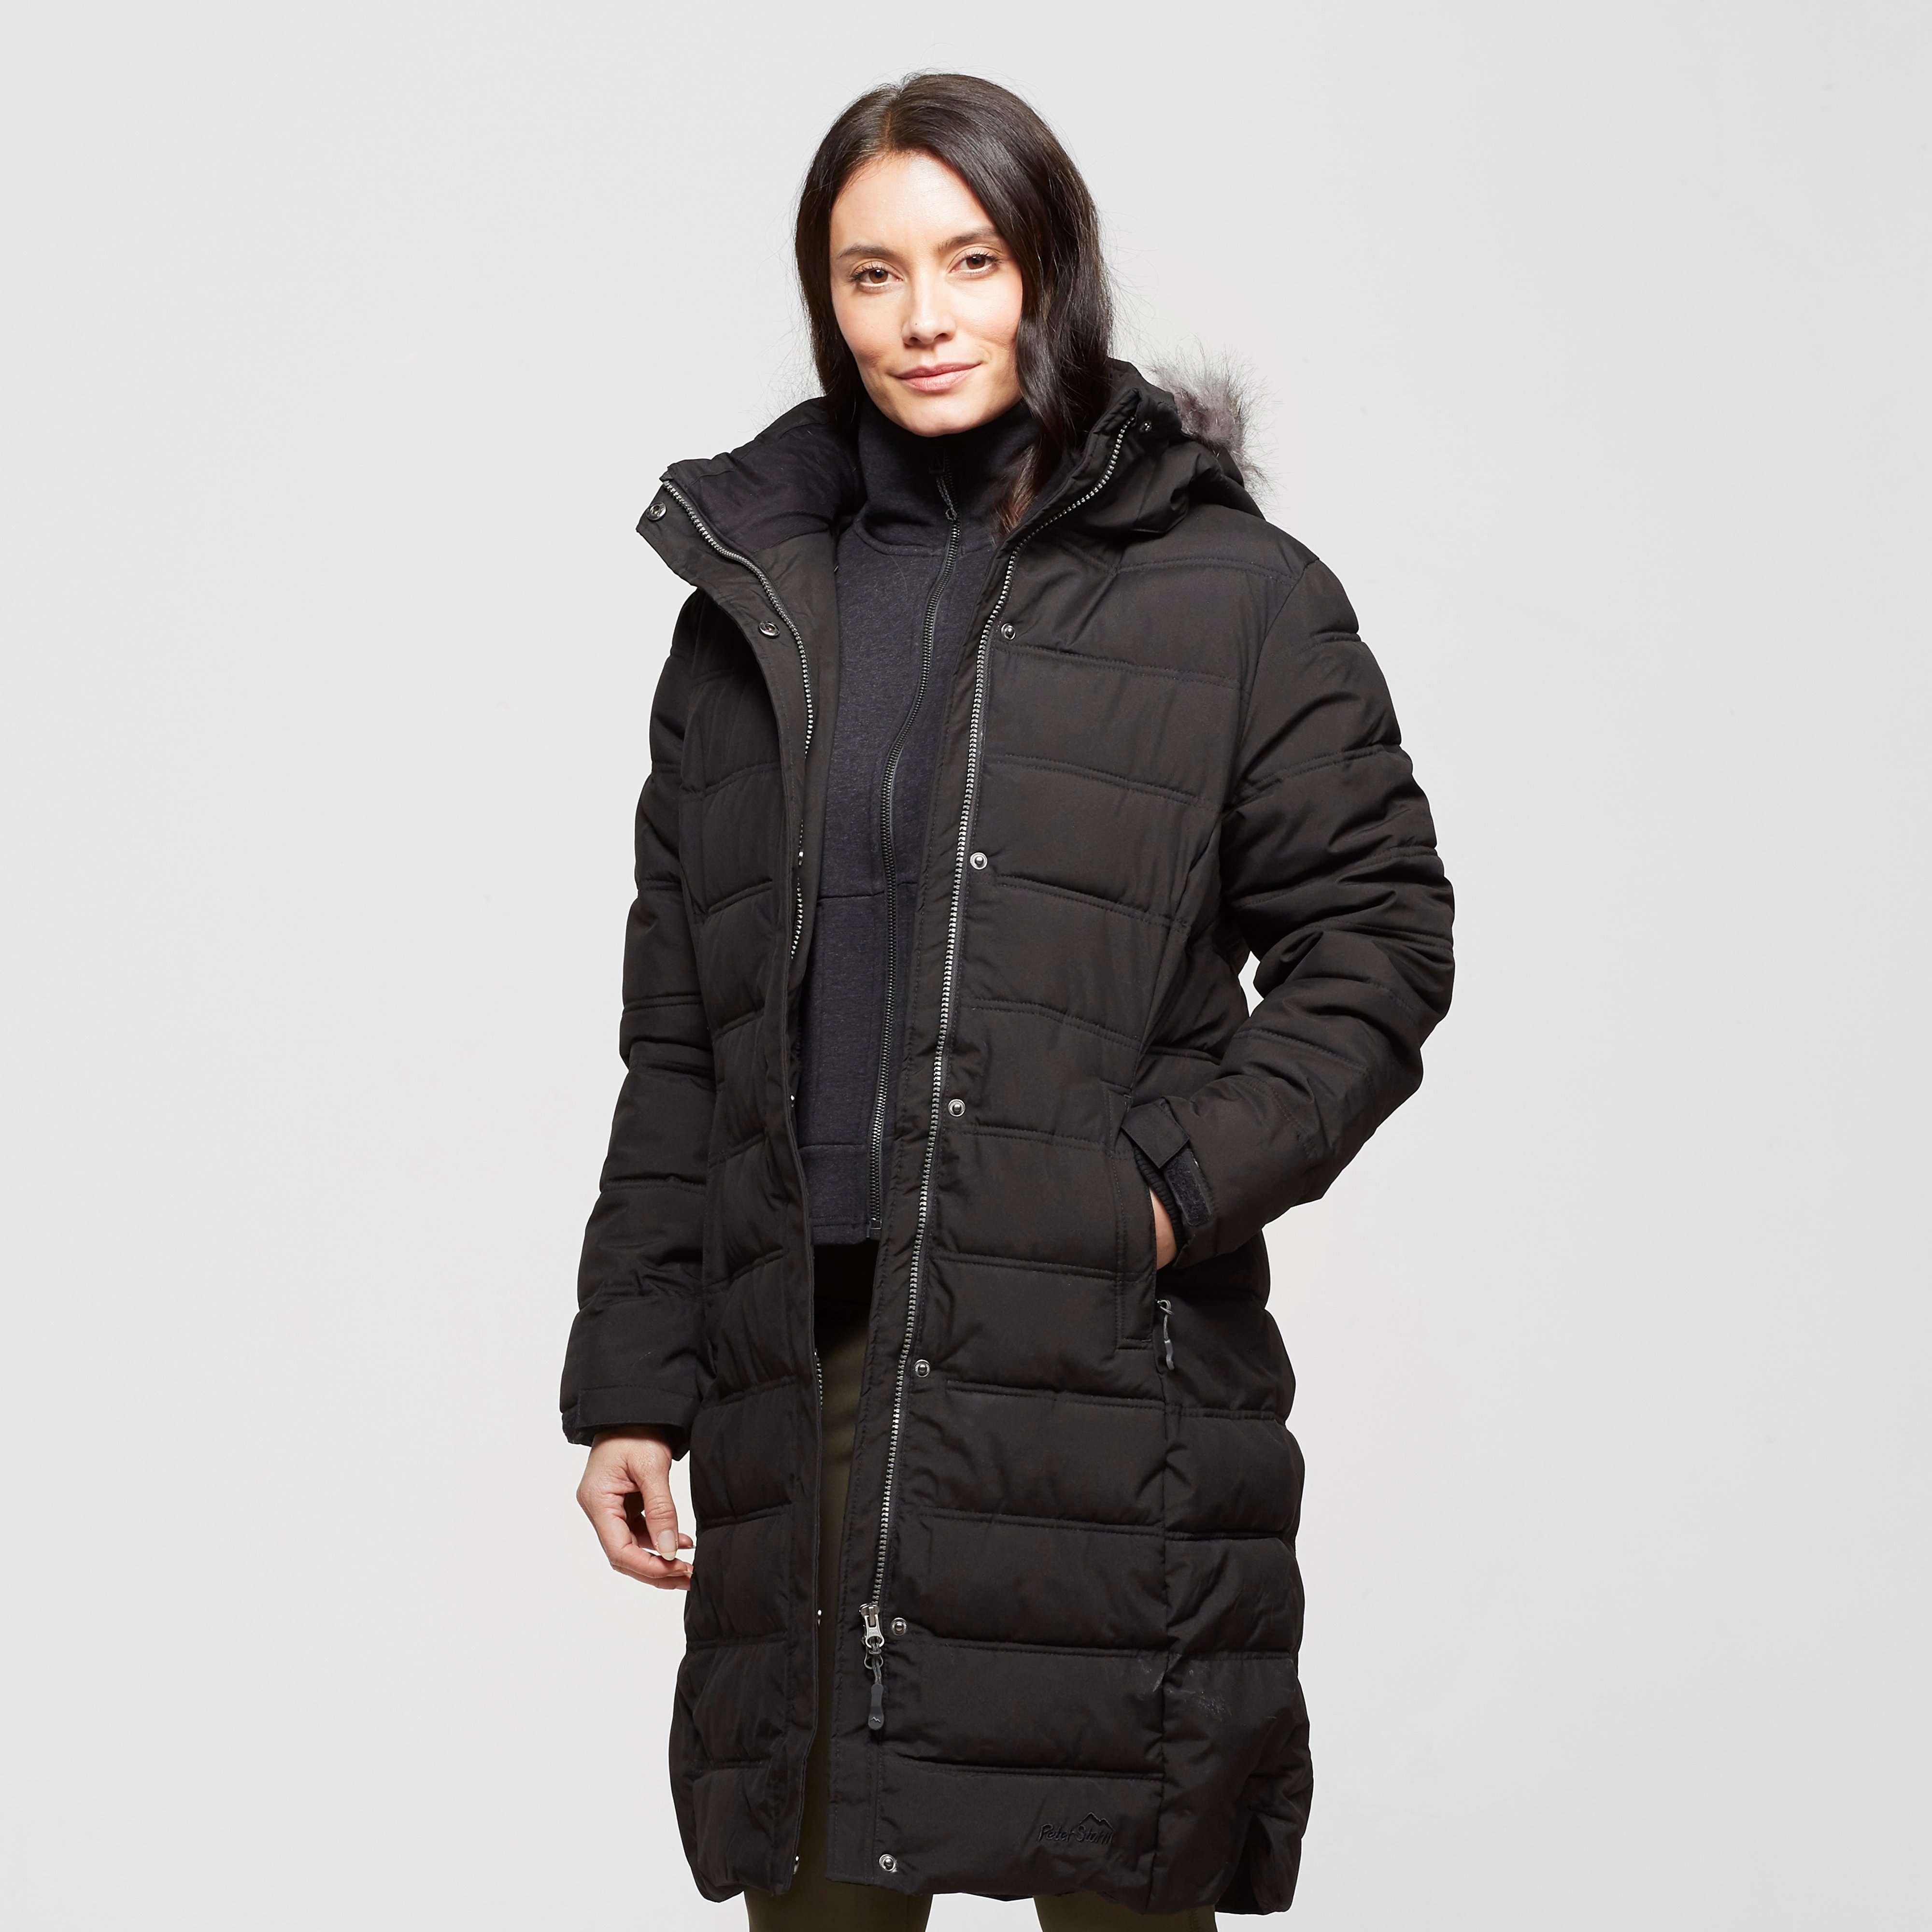 PETER STORM Women's Luna II Insulated Jacket